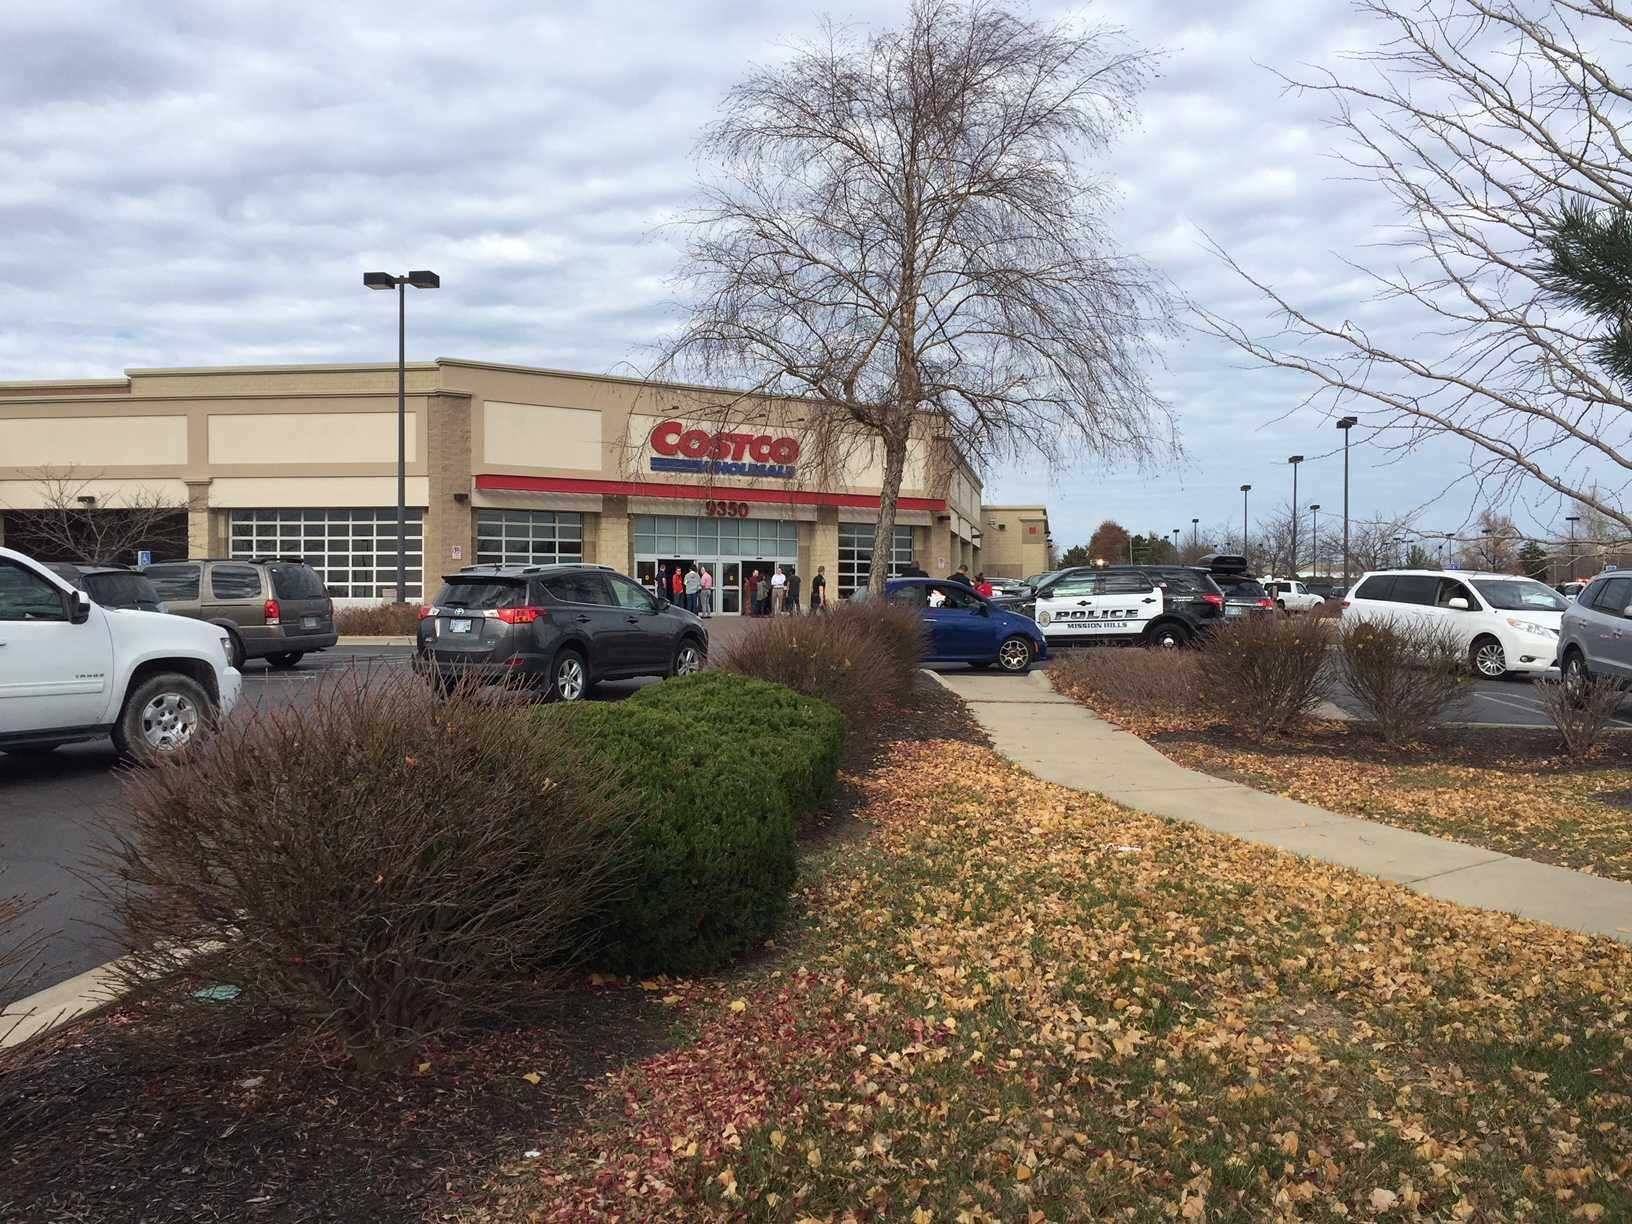 Off-duty officer kills gunman near Kansas City